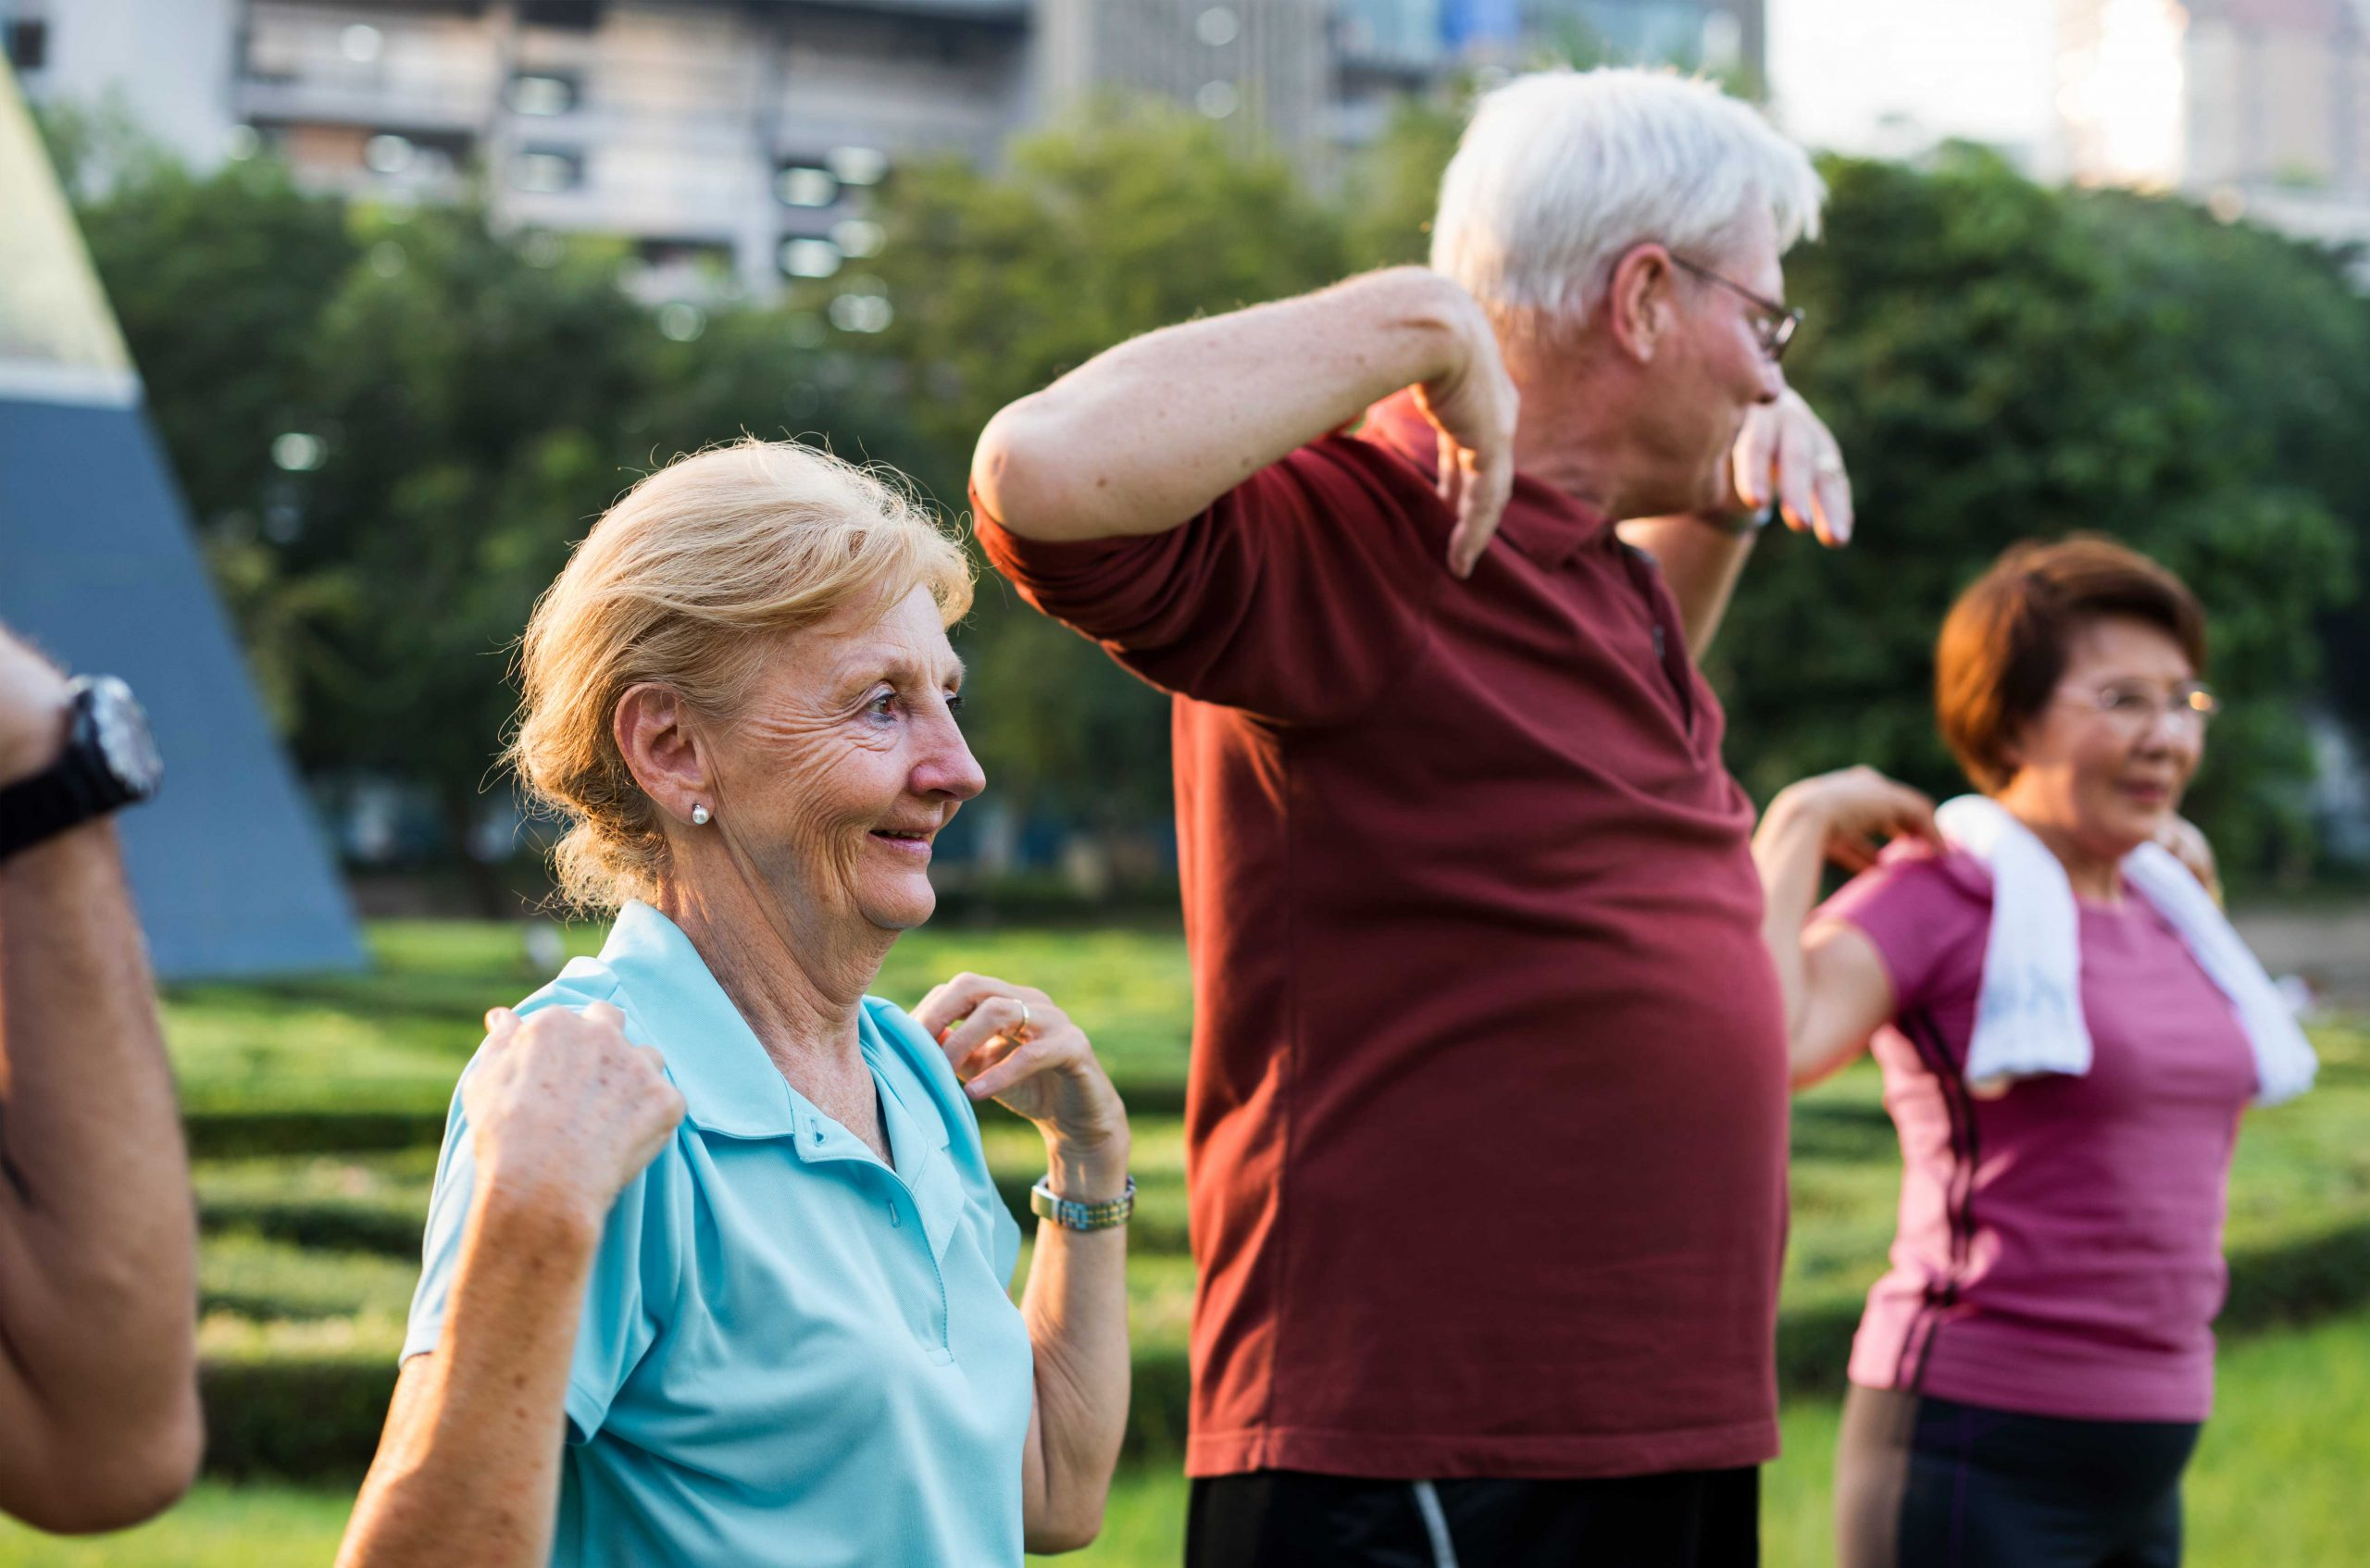 Umirovljenici u grupnoj vježbi na otvorenom